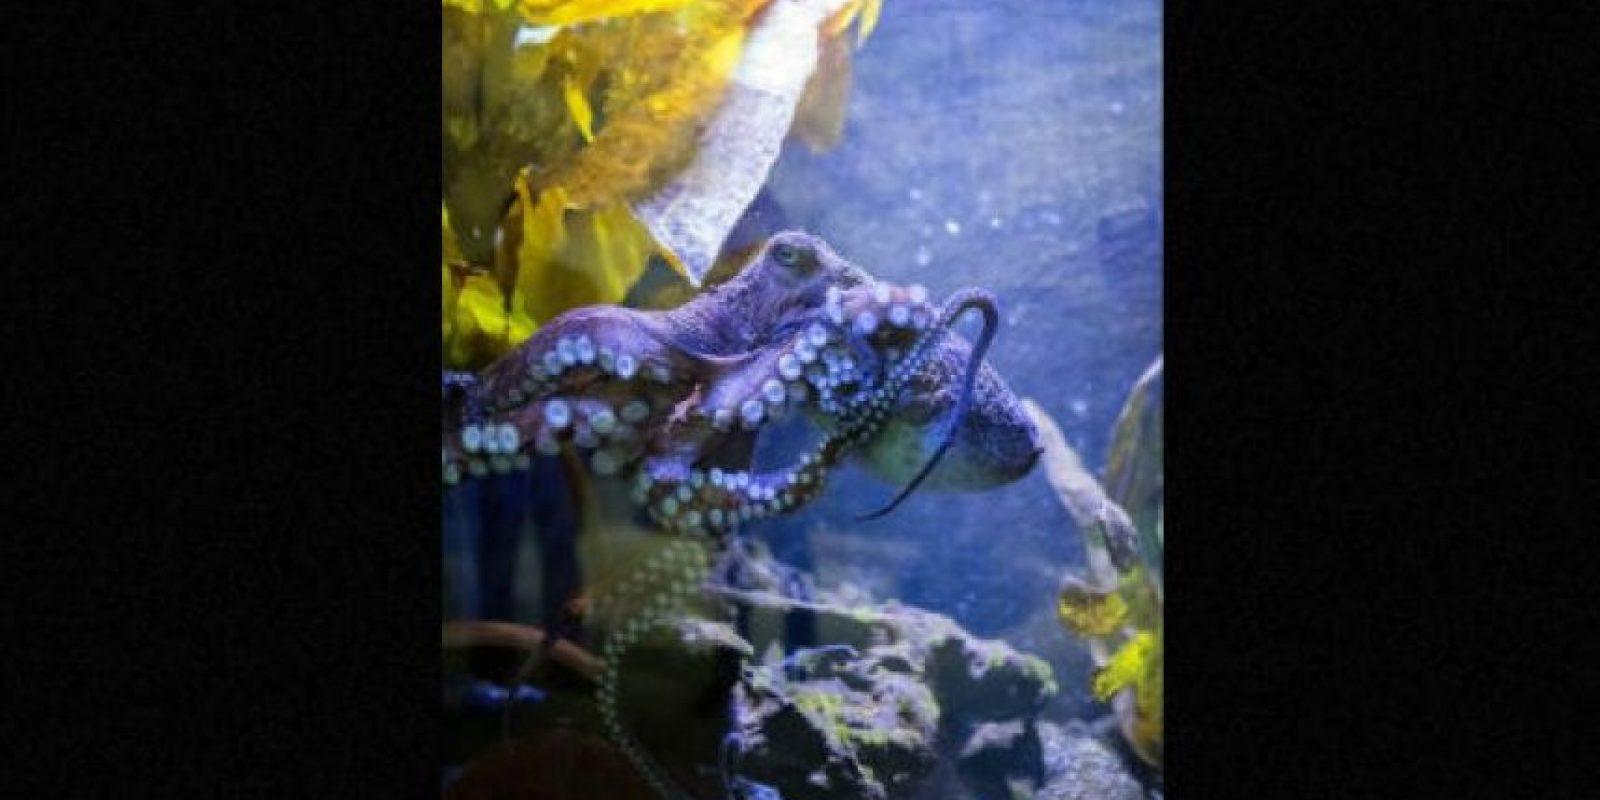 """Un pulpo llamado """"Inky"""" sorprendió al mundo al """"fugarse"""" de un acuario a través de la tubería del desagüe. Foto:Facebook.com/NationalAquariumNZ"""